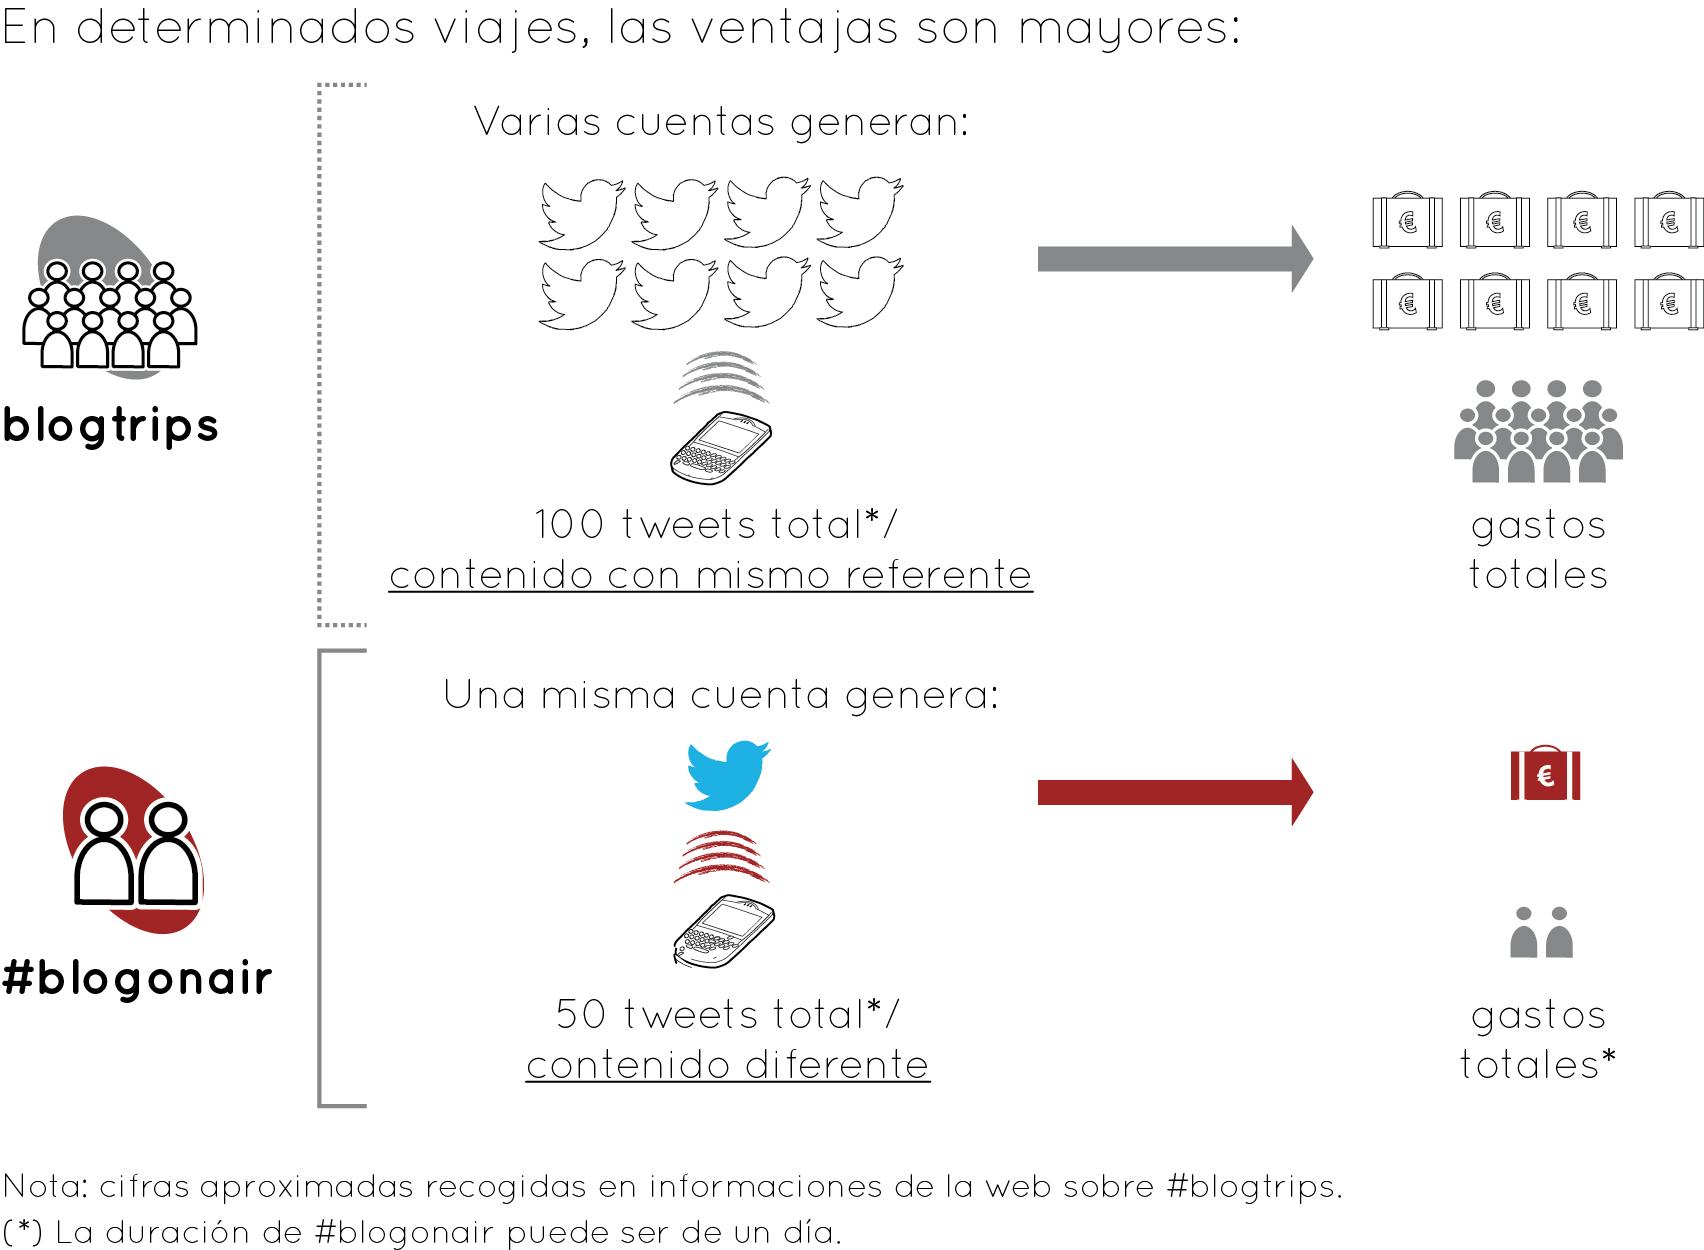 #blogonair